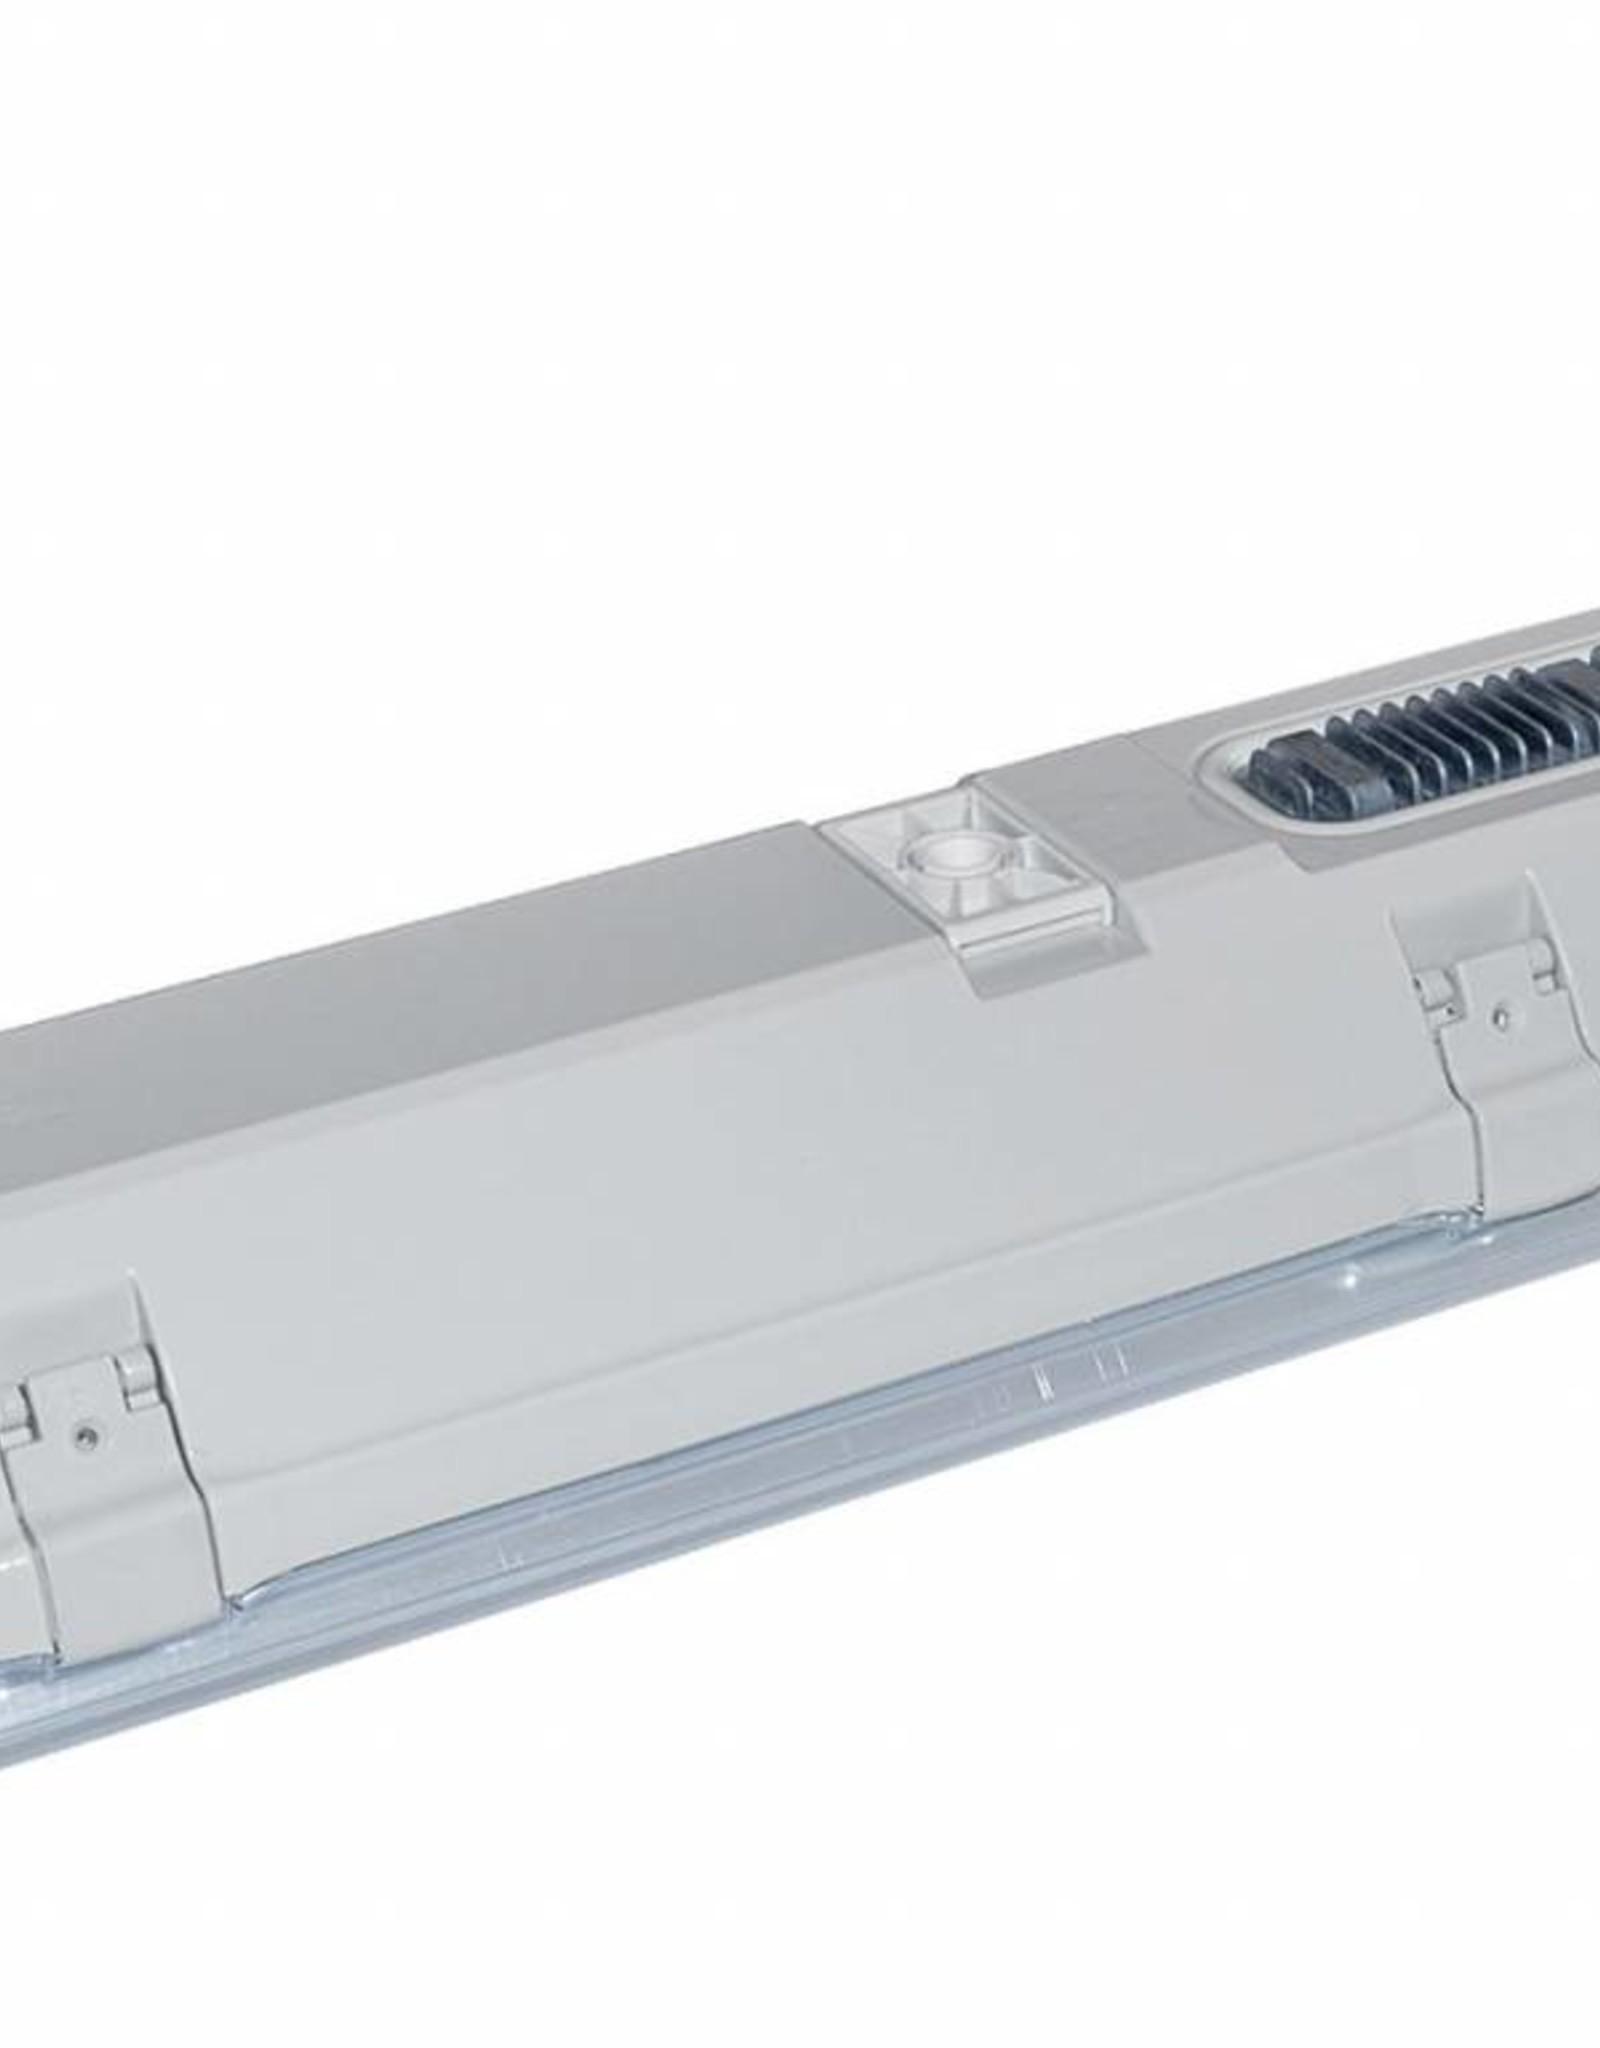 FUTURA NB 2.4ft PCc Al 8800/840 M3h